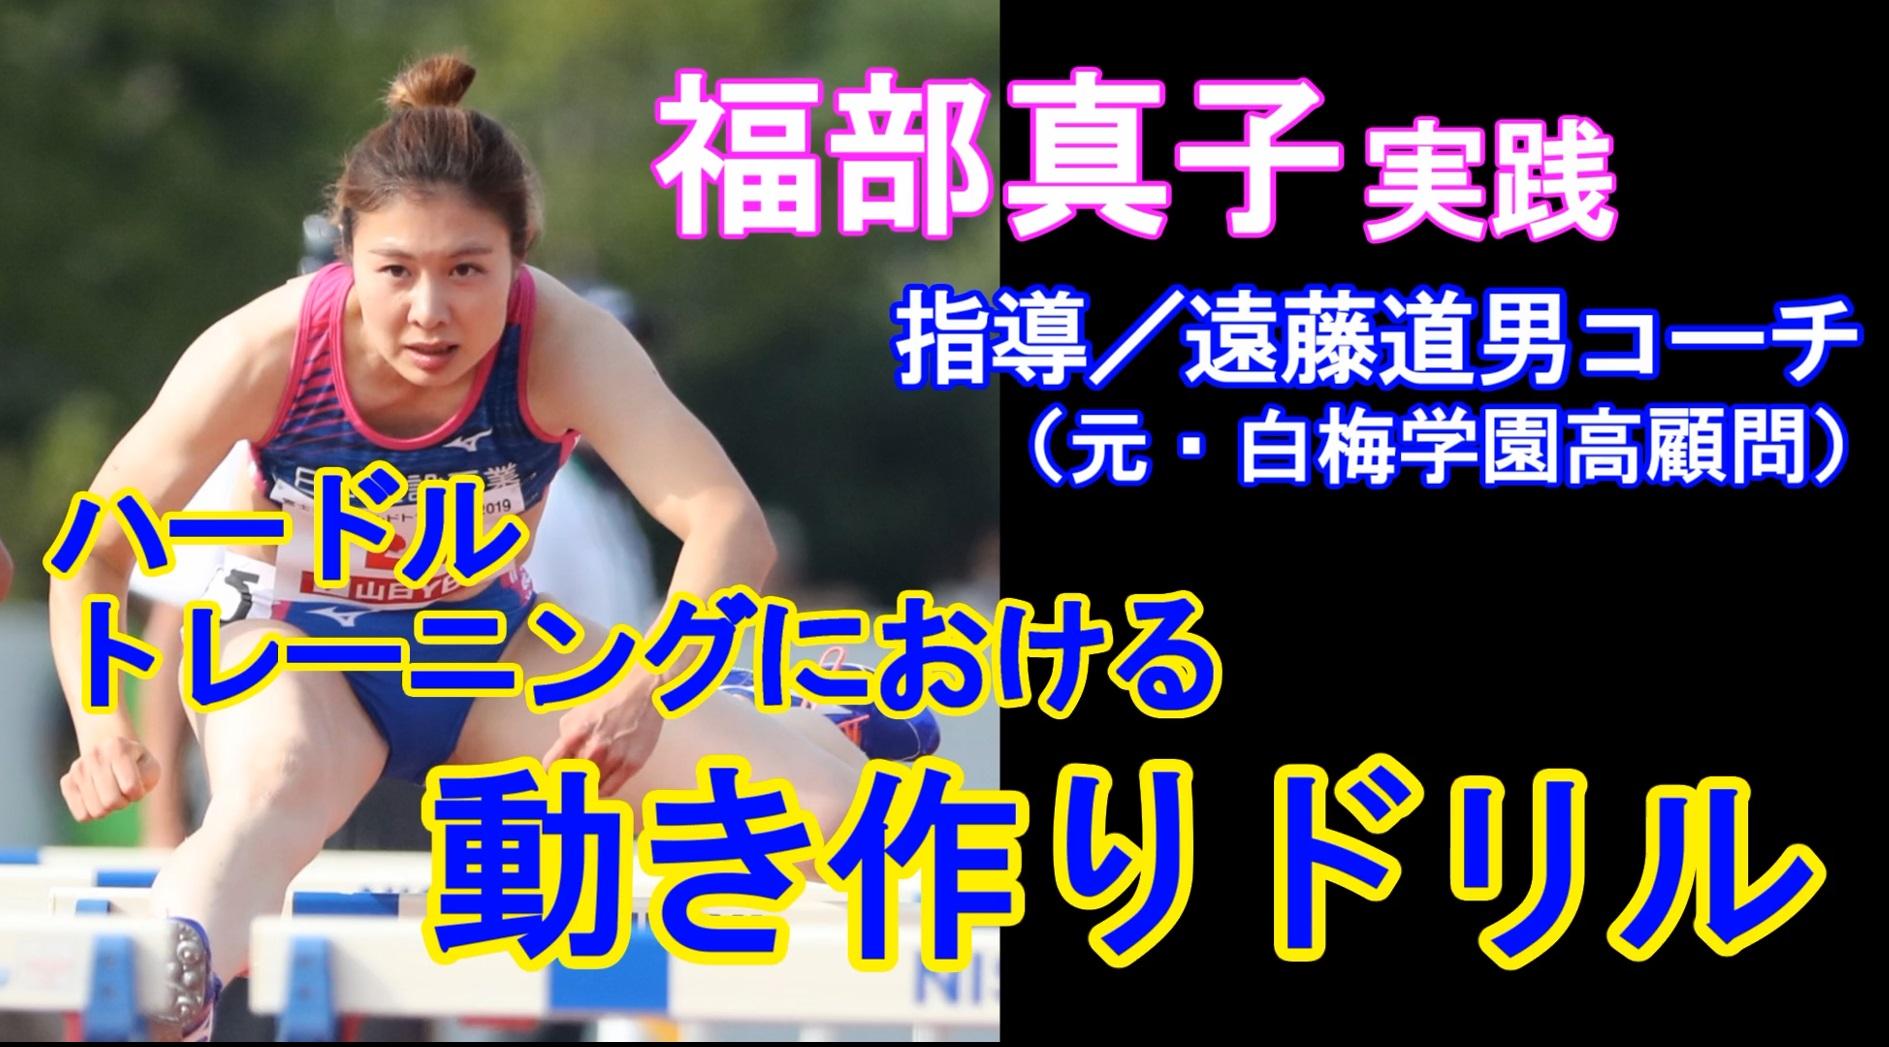 【トレーニング】秋はキレで勝負!ハードルトレーニングにおける 動き作りドリル/女子100mH福部真子実践